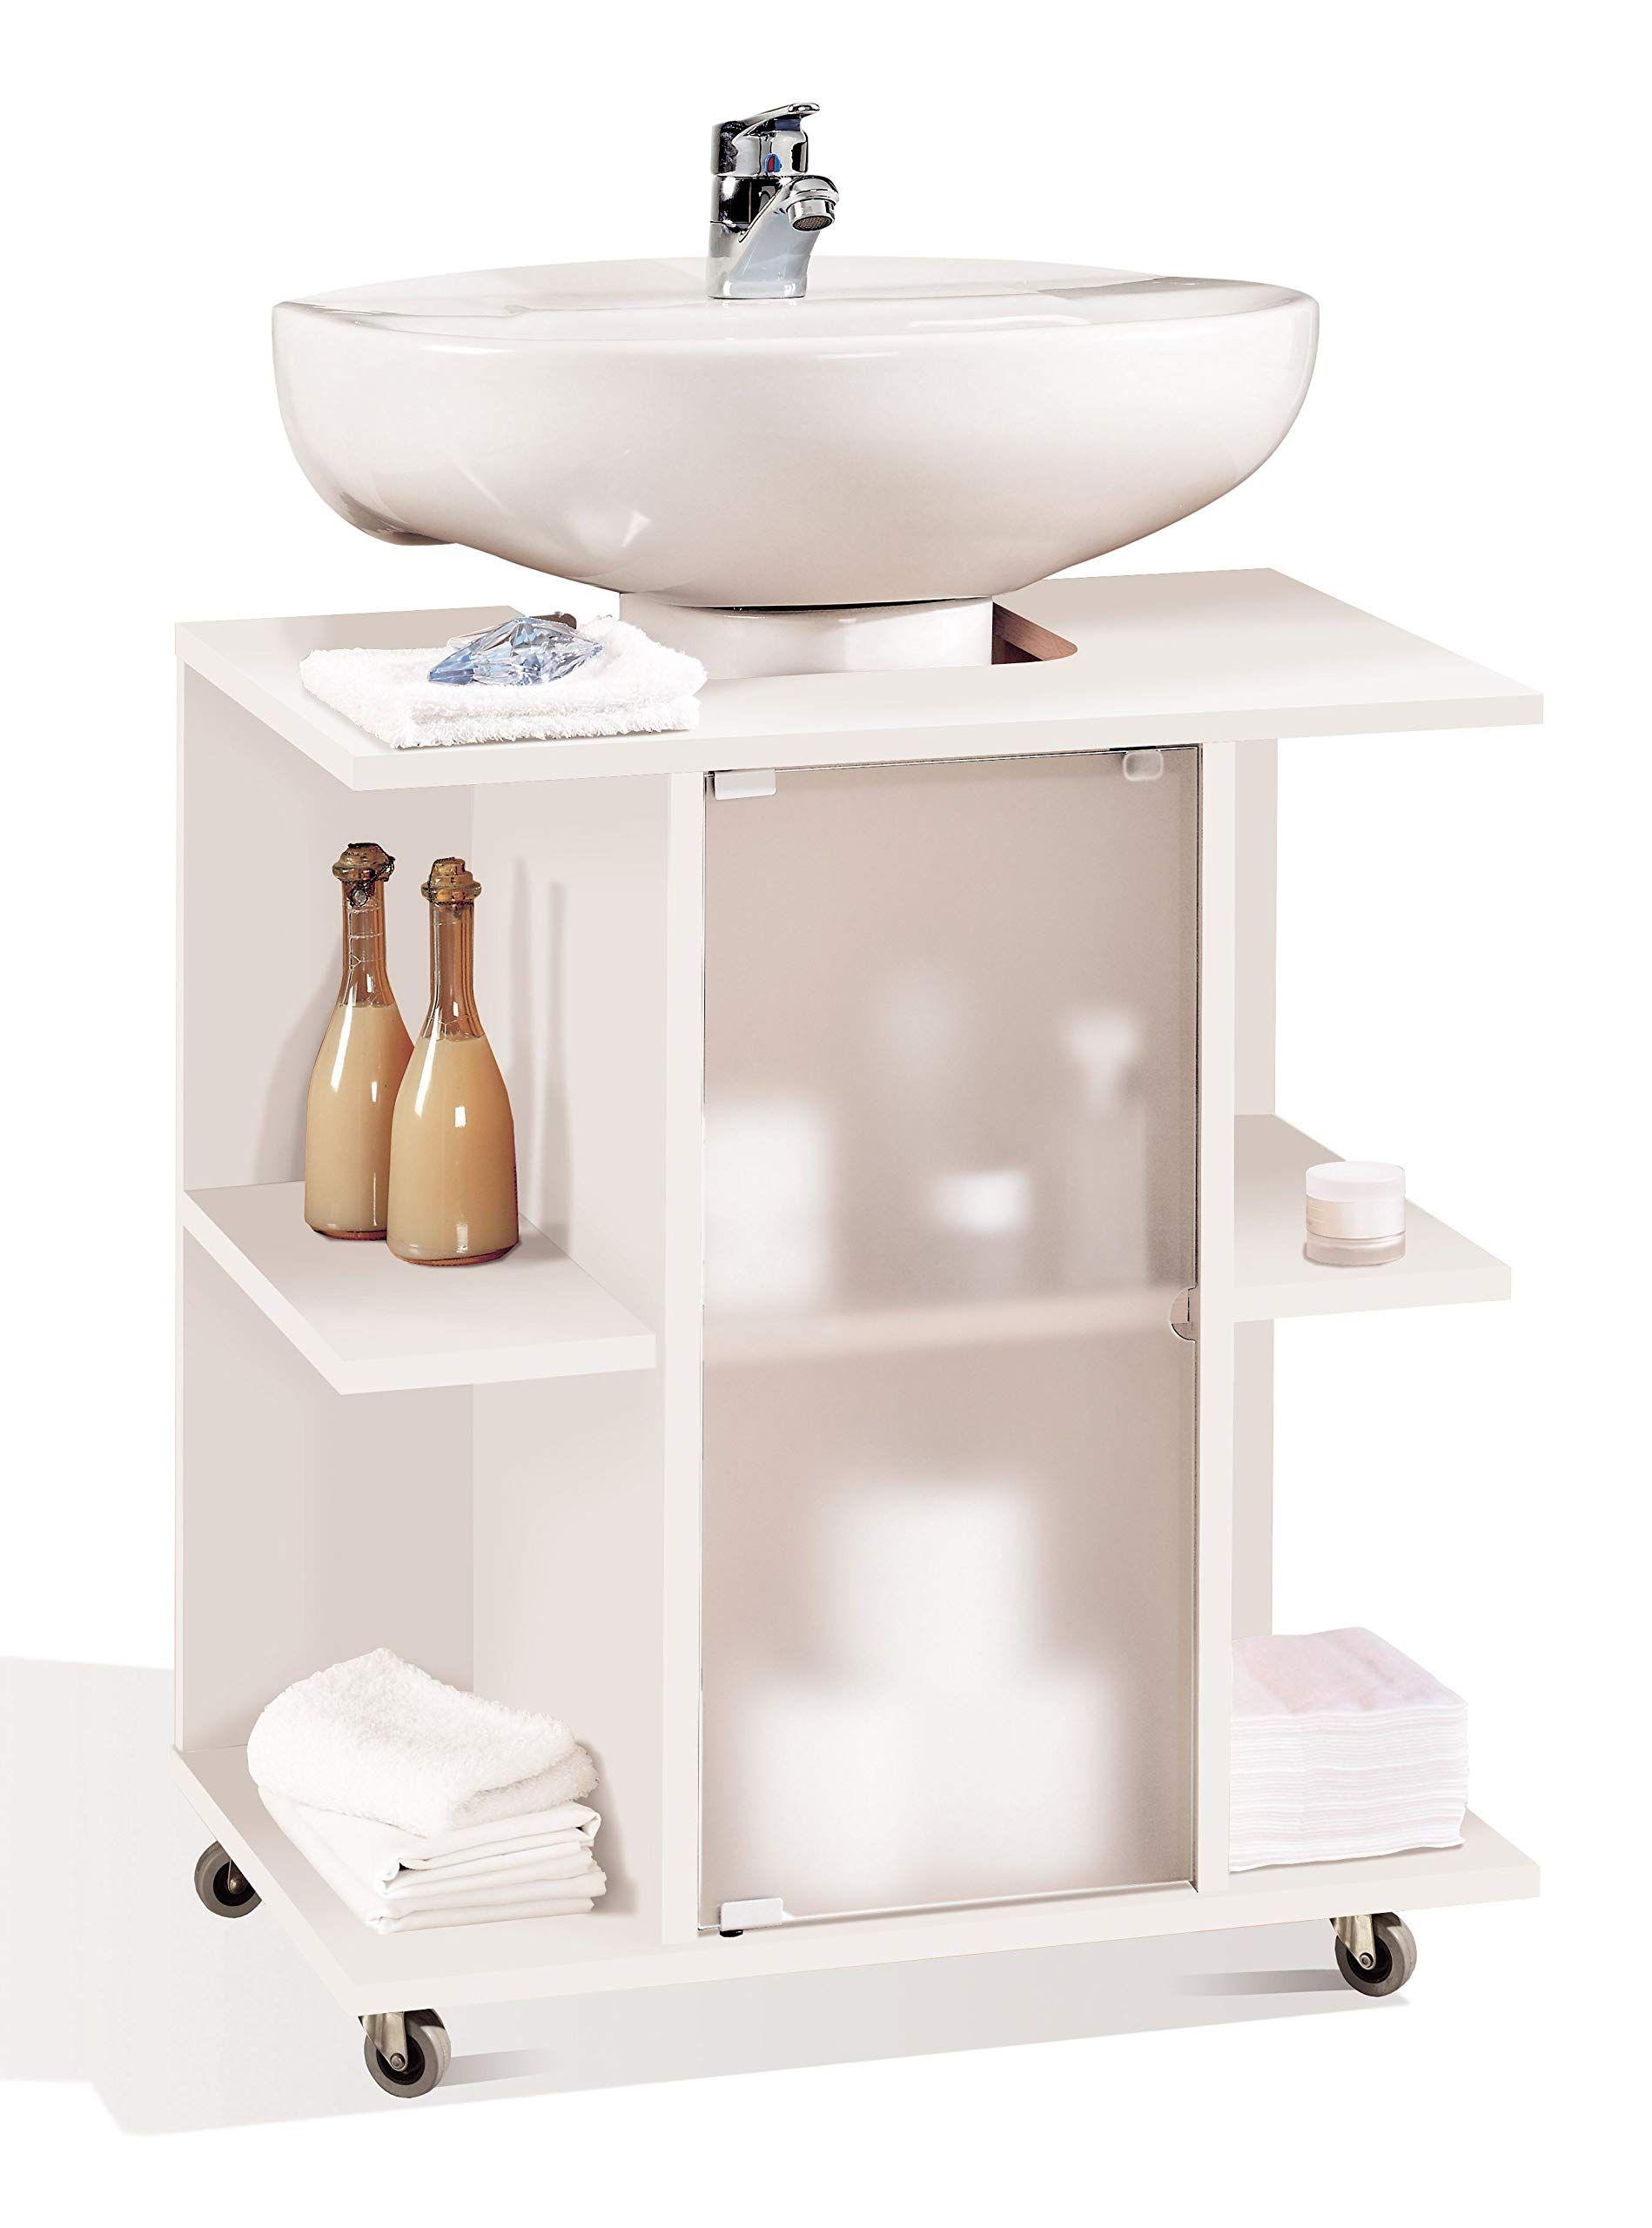 Miroytengo Mueble Baño Aseo Bajo Color Blanco Para Lavabo Pie Pedestal Estantes Puerta Y Ruedas 59x45x64 Cm Muebles De Baño Muebles De Lavabo Muebles Lavamanos